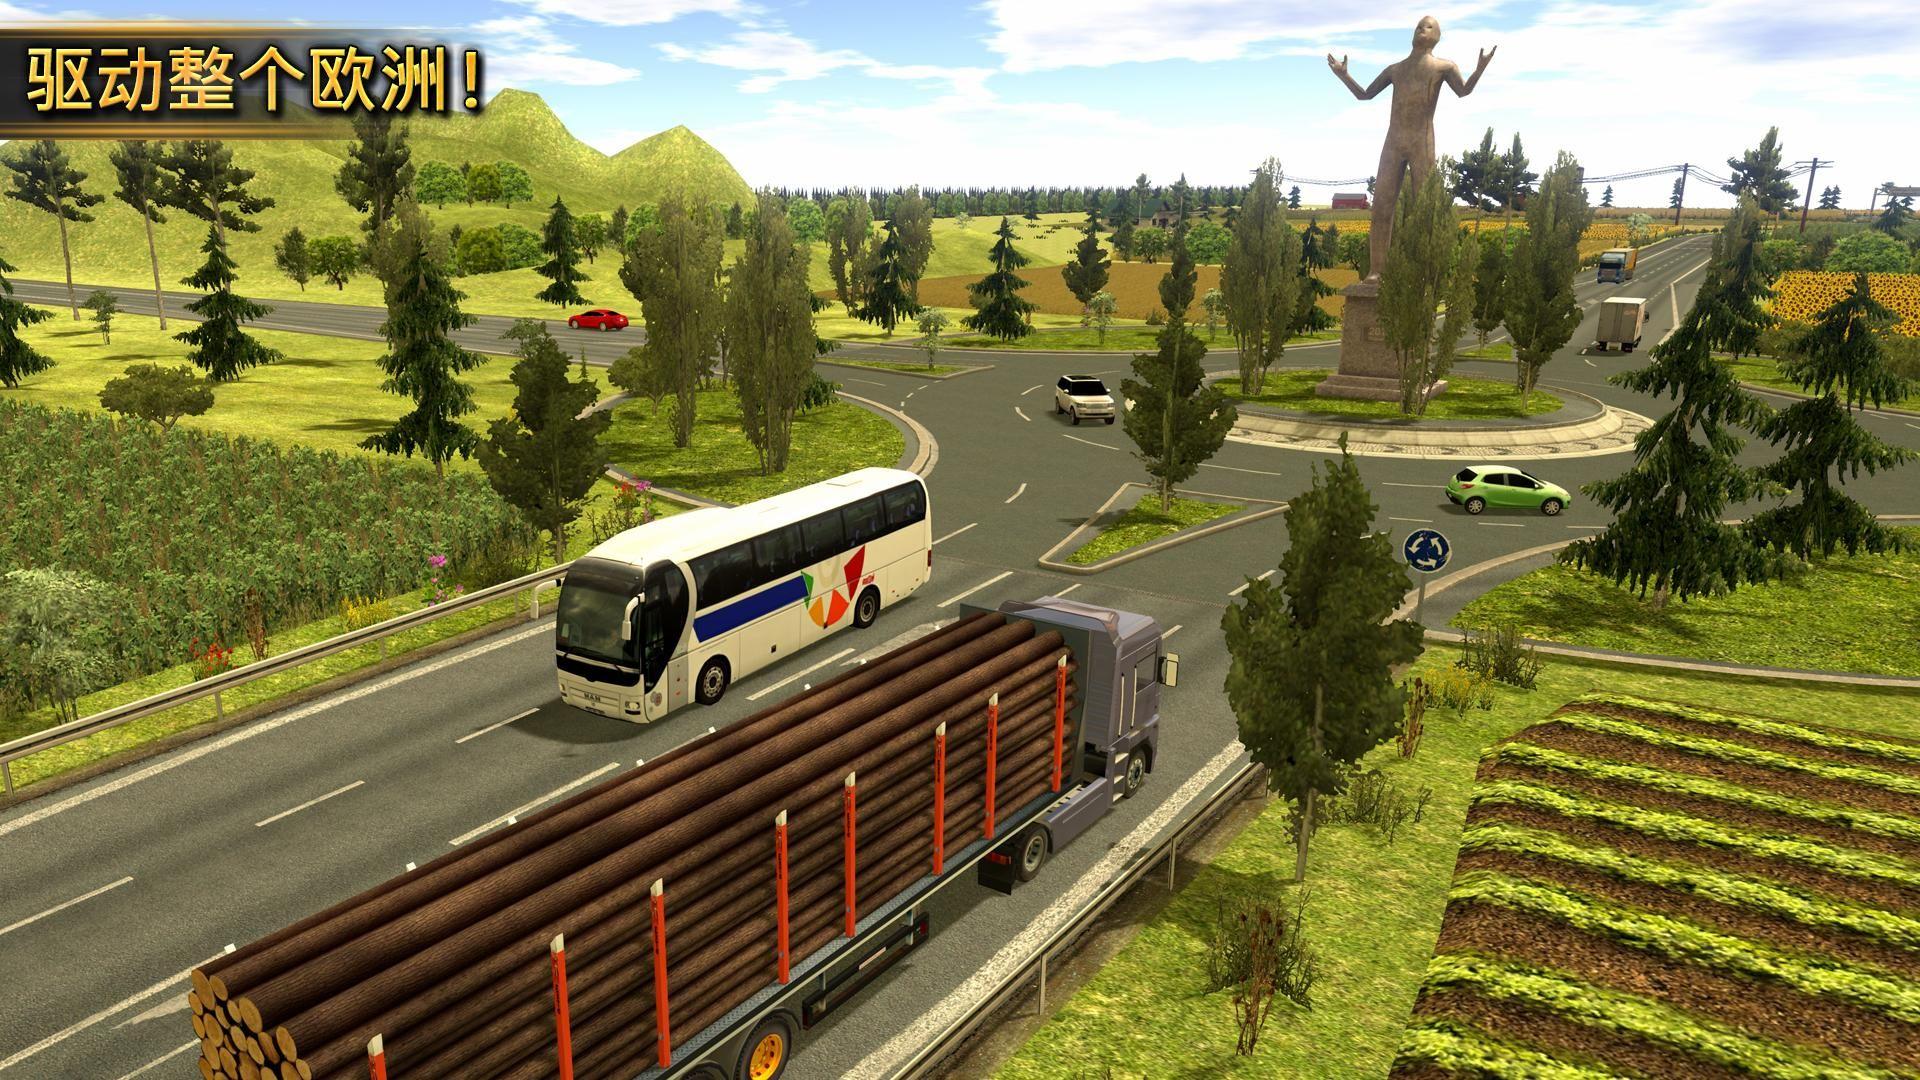 卡车模拟器2018年 - Truck Simulator 2018 : Europe 游戏截图3